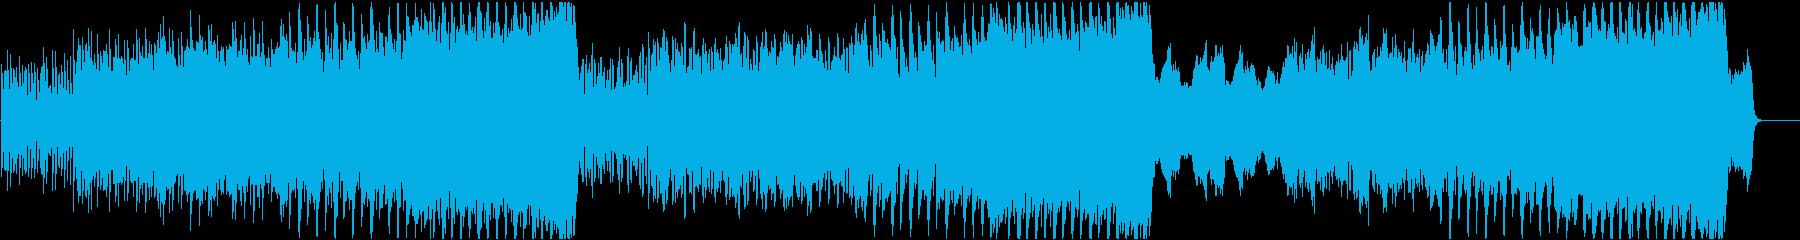 明るく元気づけられる心温まるメロディの再生済みの波形